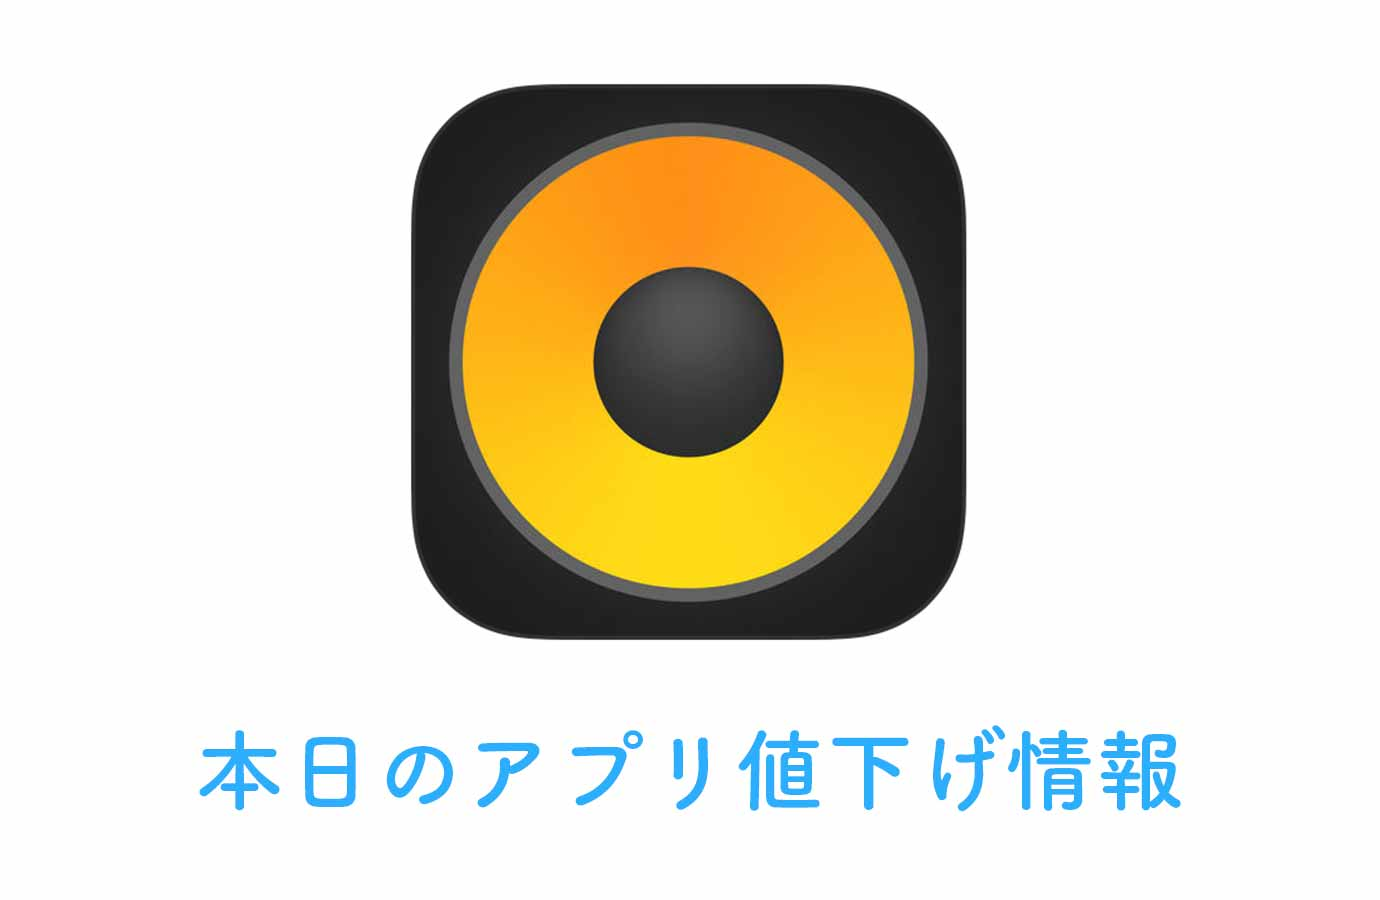 720円→480円!ハイレゾ音源にも対応したミュージックプレイヤー「VOX」など【1/3】アプリ値下げ情報